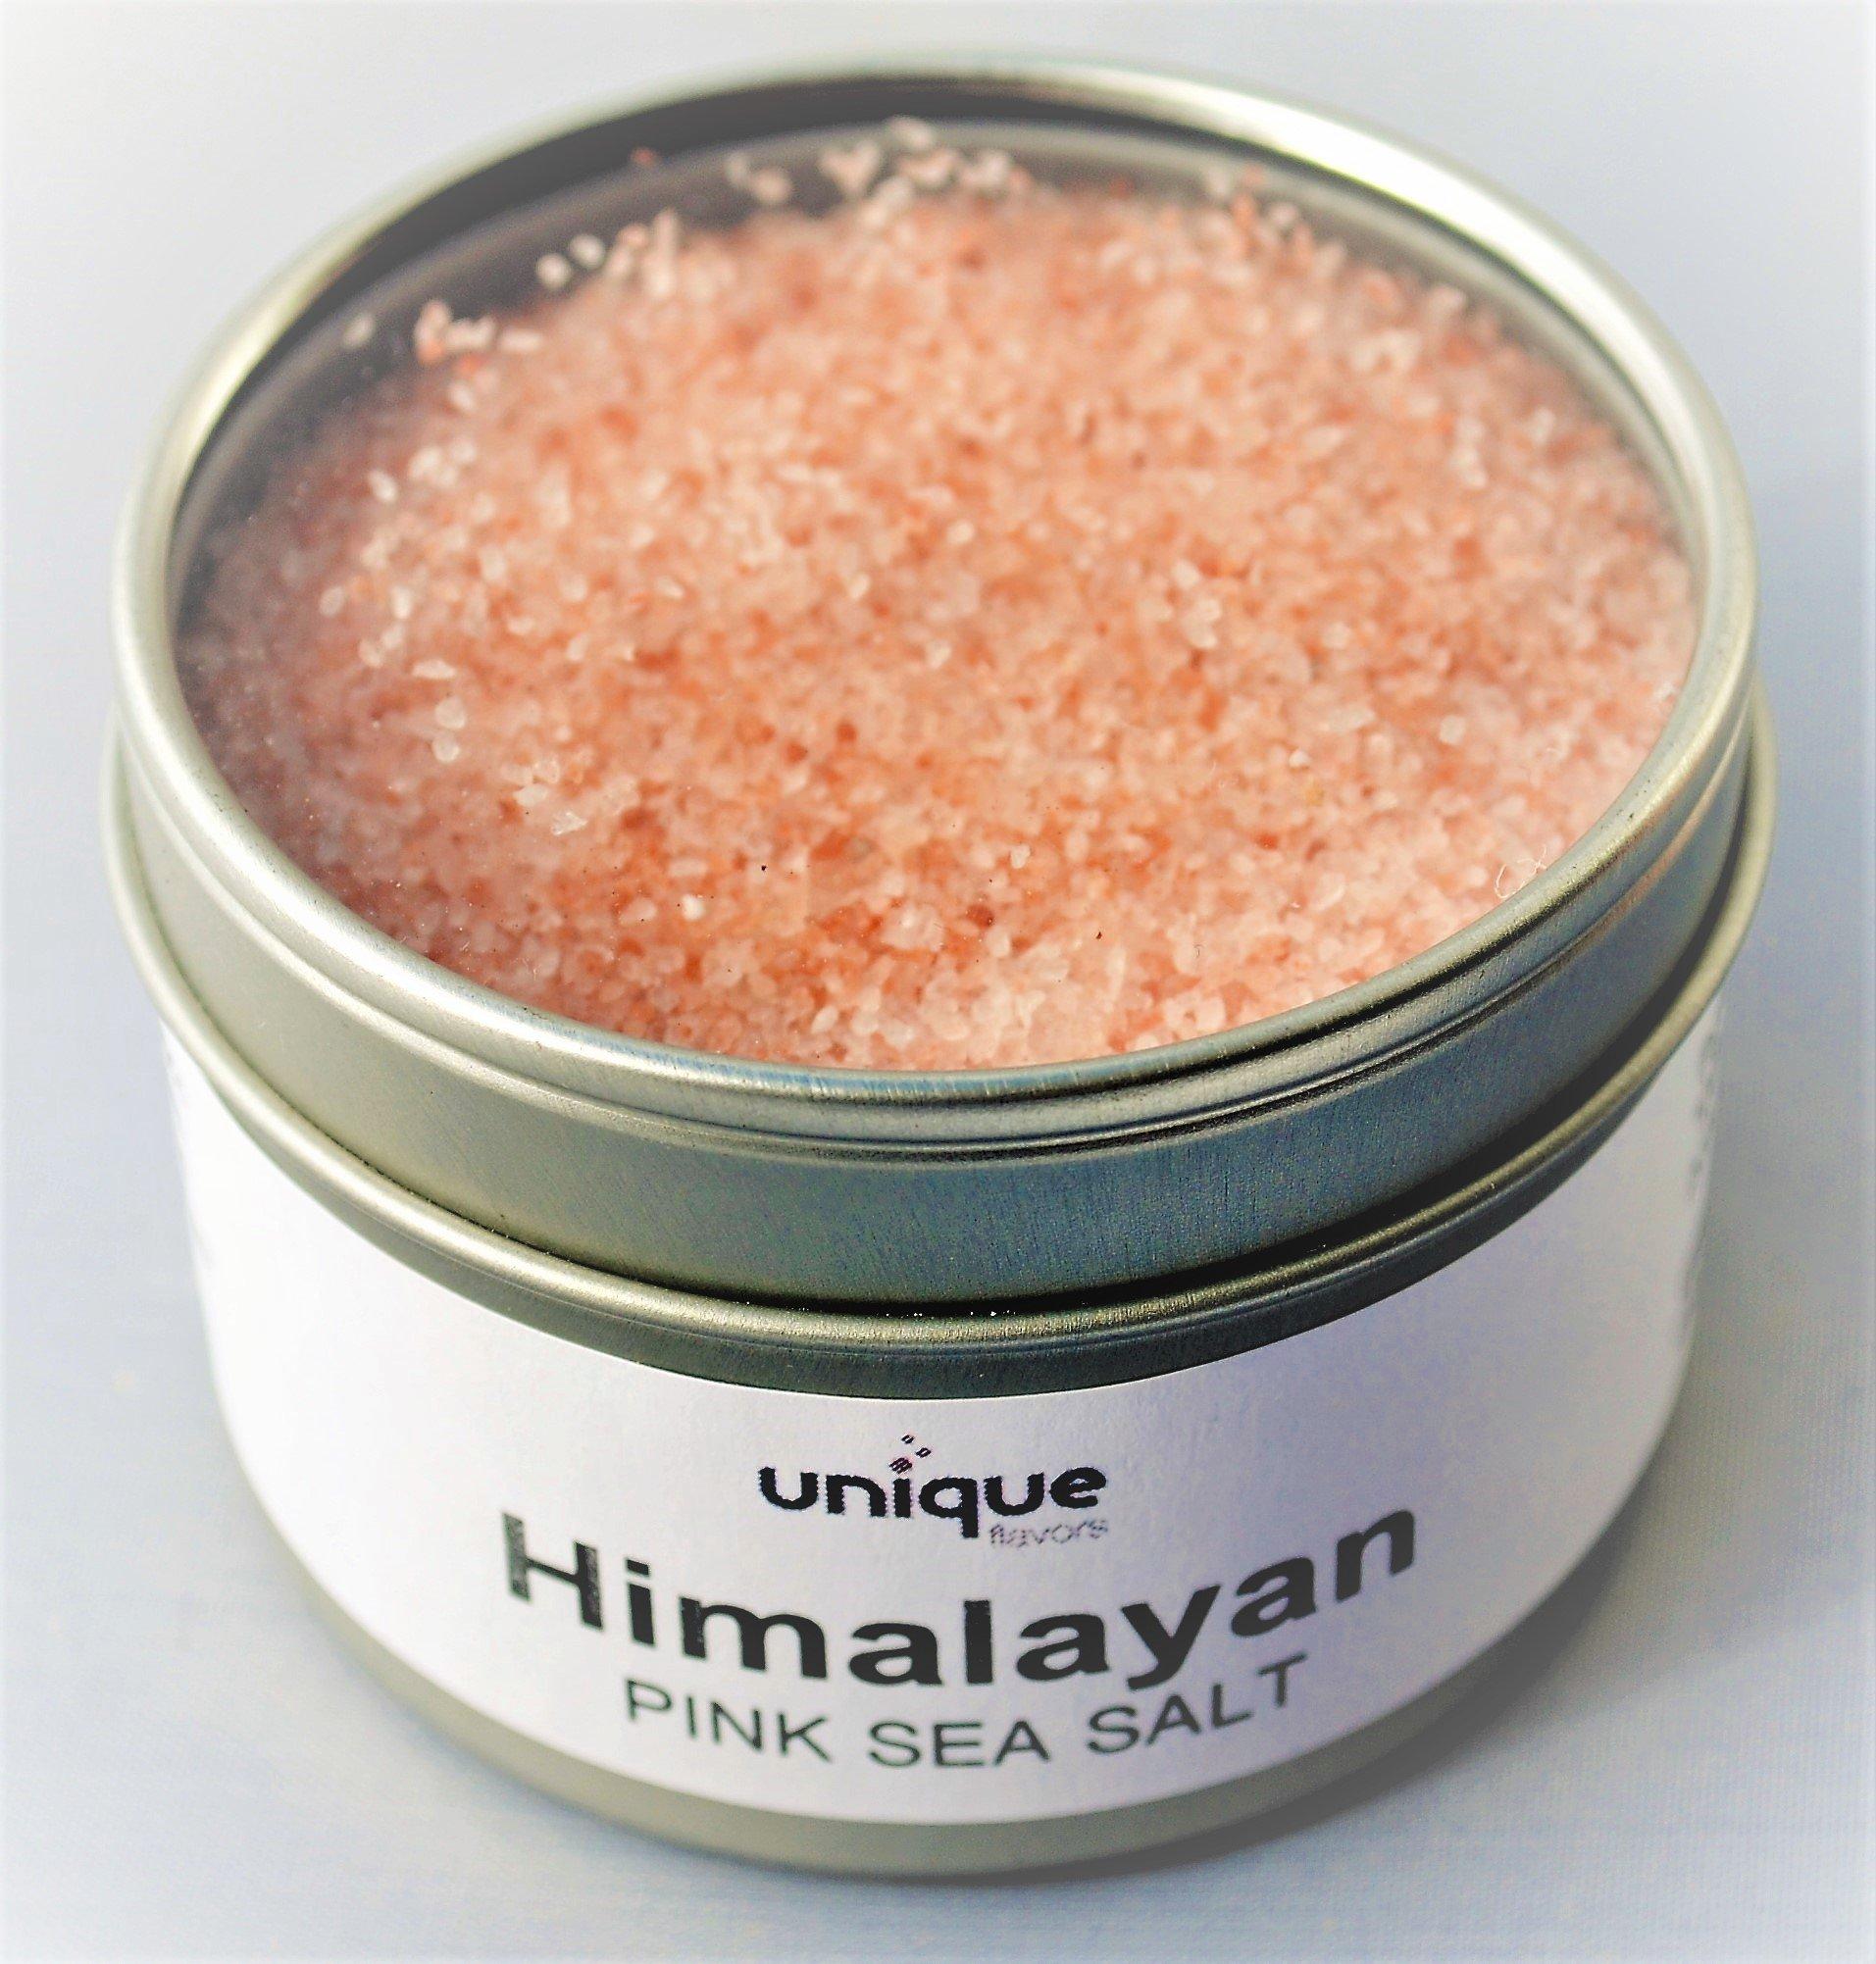 Himalayan Pink Sea Salt all natural 4 oz tin can